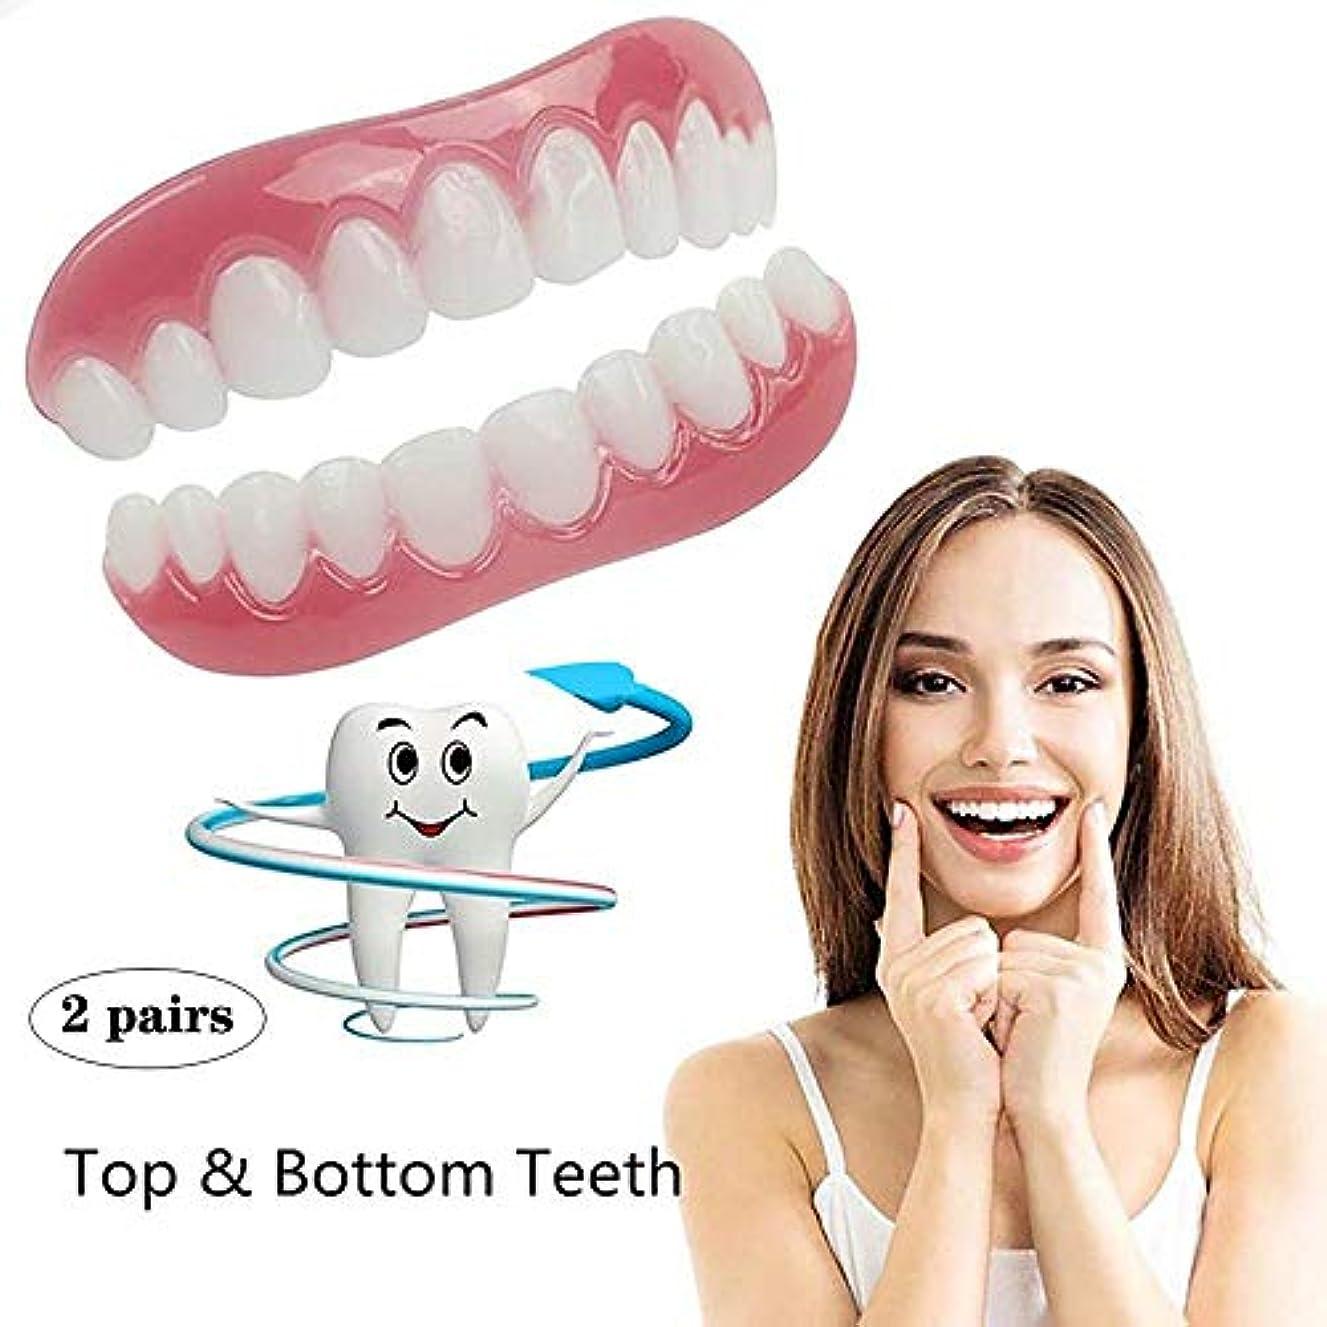 霧深い利得宴会2対の歯のベニヤ化粧品の歯のスナップオンセキュアアッパーロアフレックスデンタルベニア義歯ケアファッション